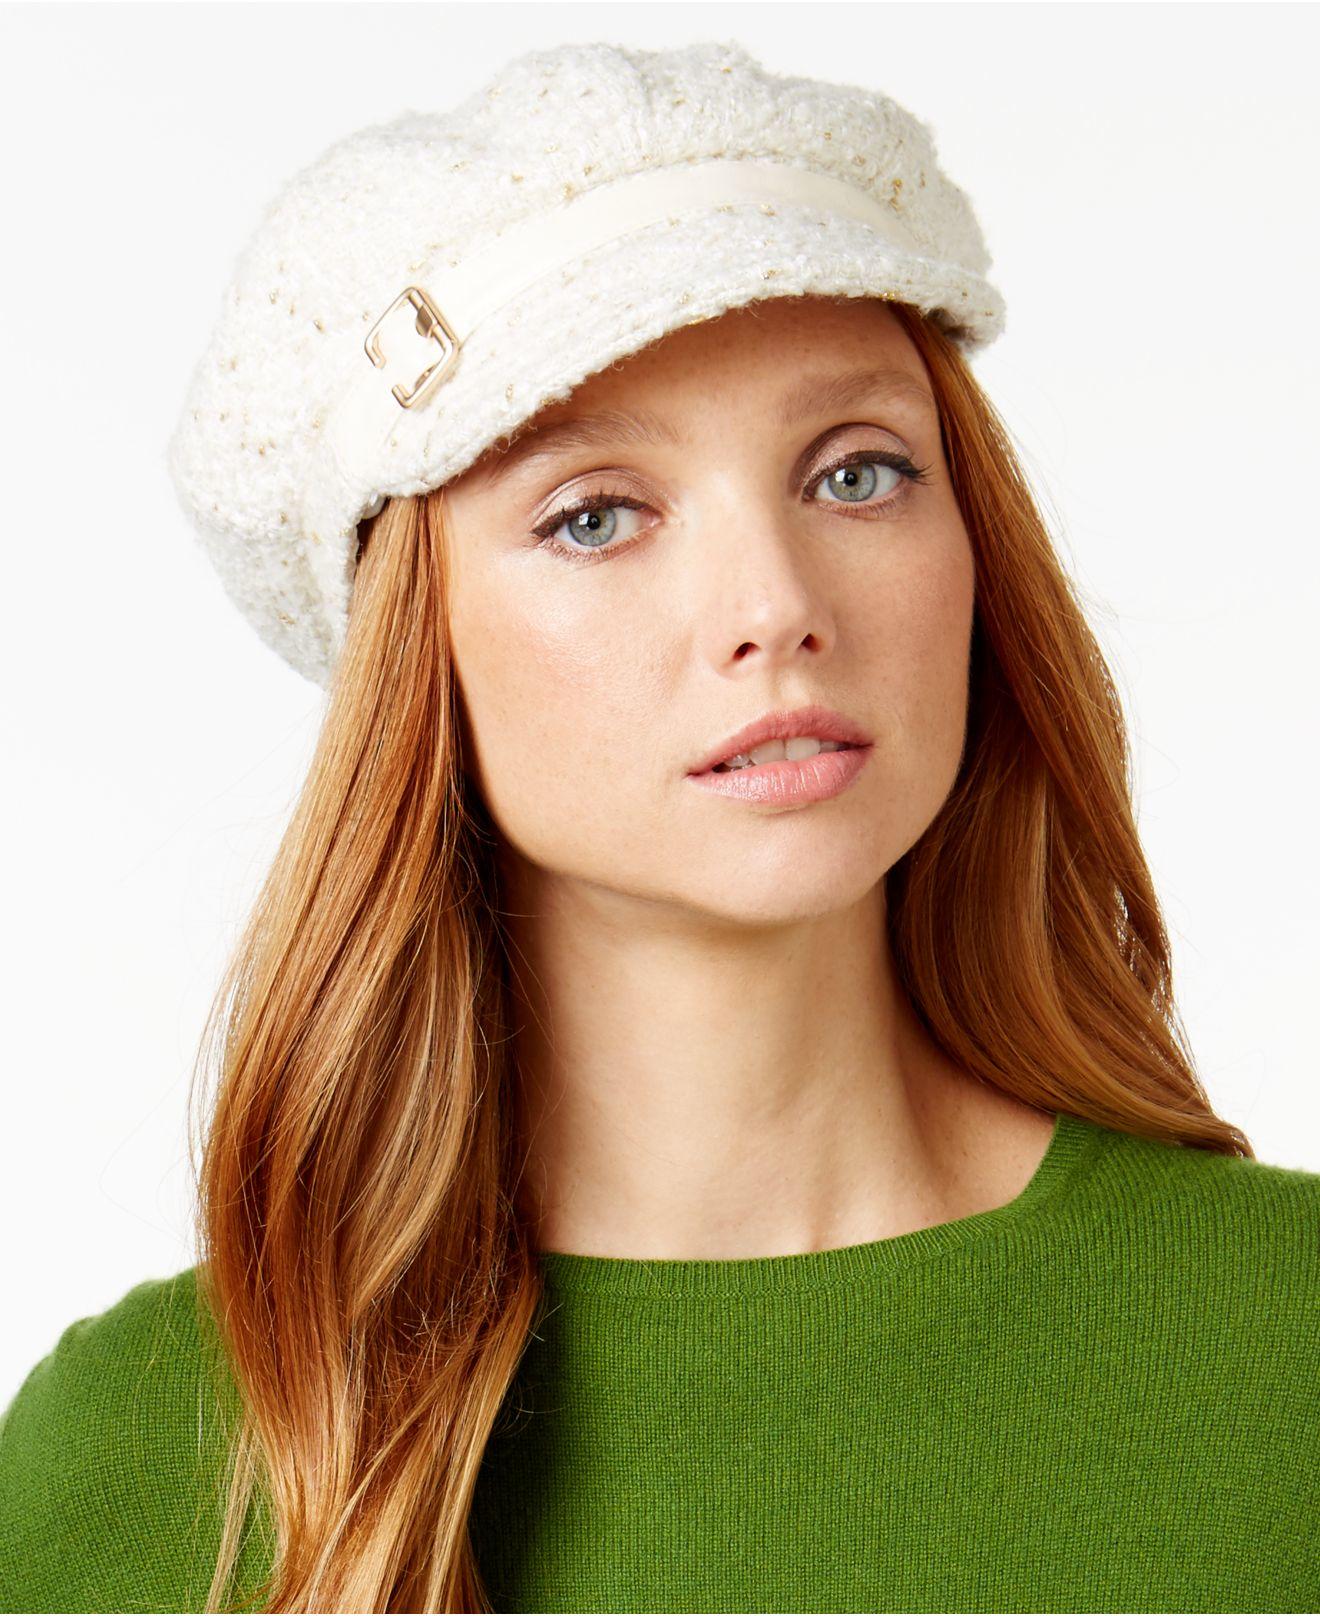 eba719ba4e2 Lyst - Nine West Novelty Metallic Newsgirl Hat in White